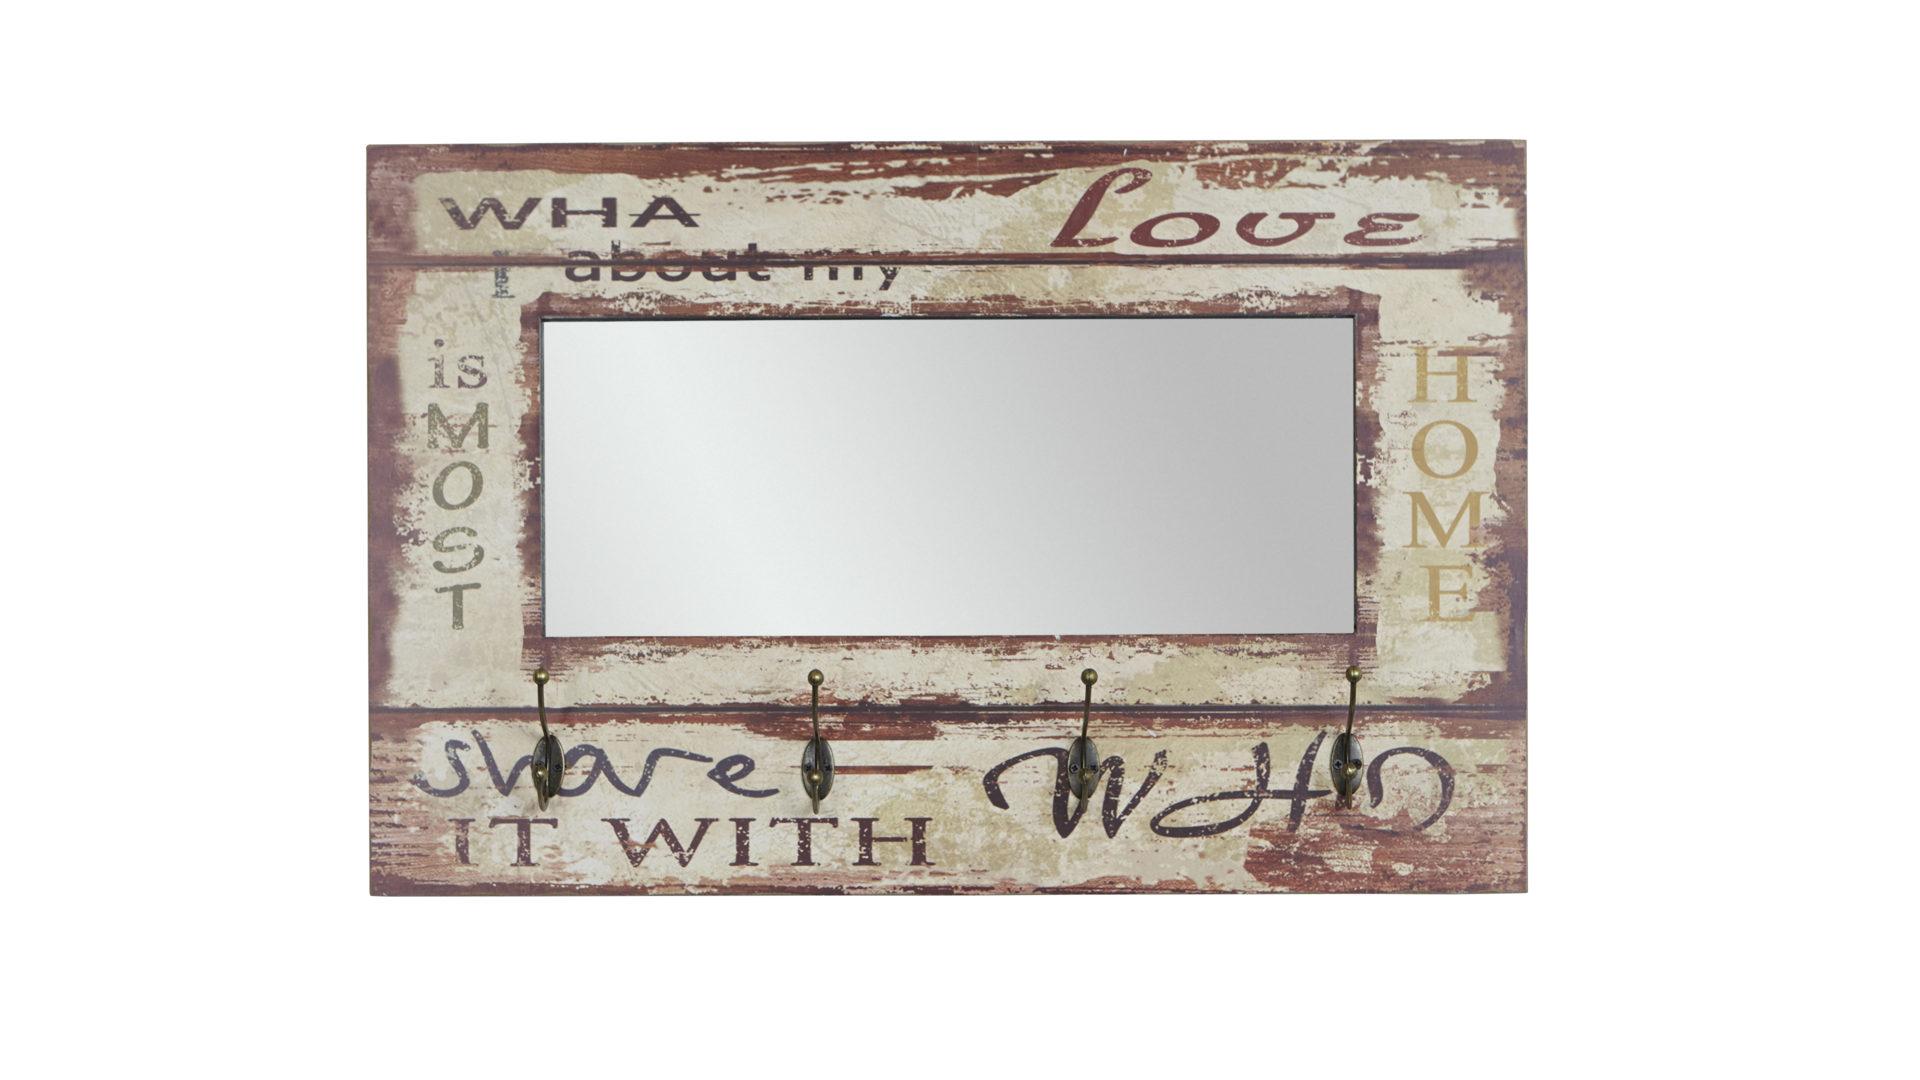 Wandgarderobe im Vintage-Look mit Garderobenspiegel, weiß mit Vintageprint  – ca. 80 x 52 cm